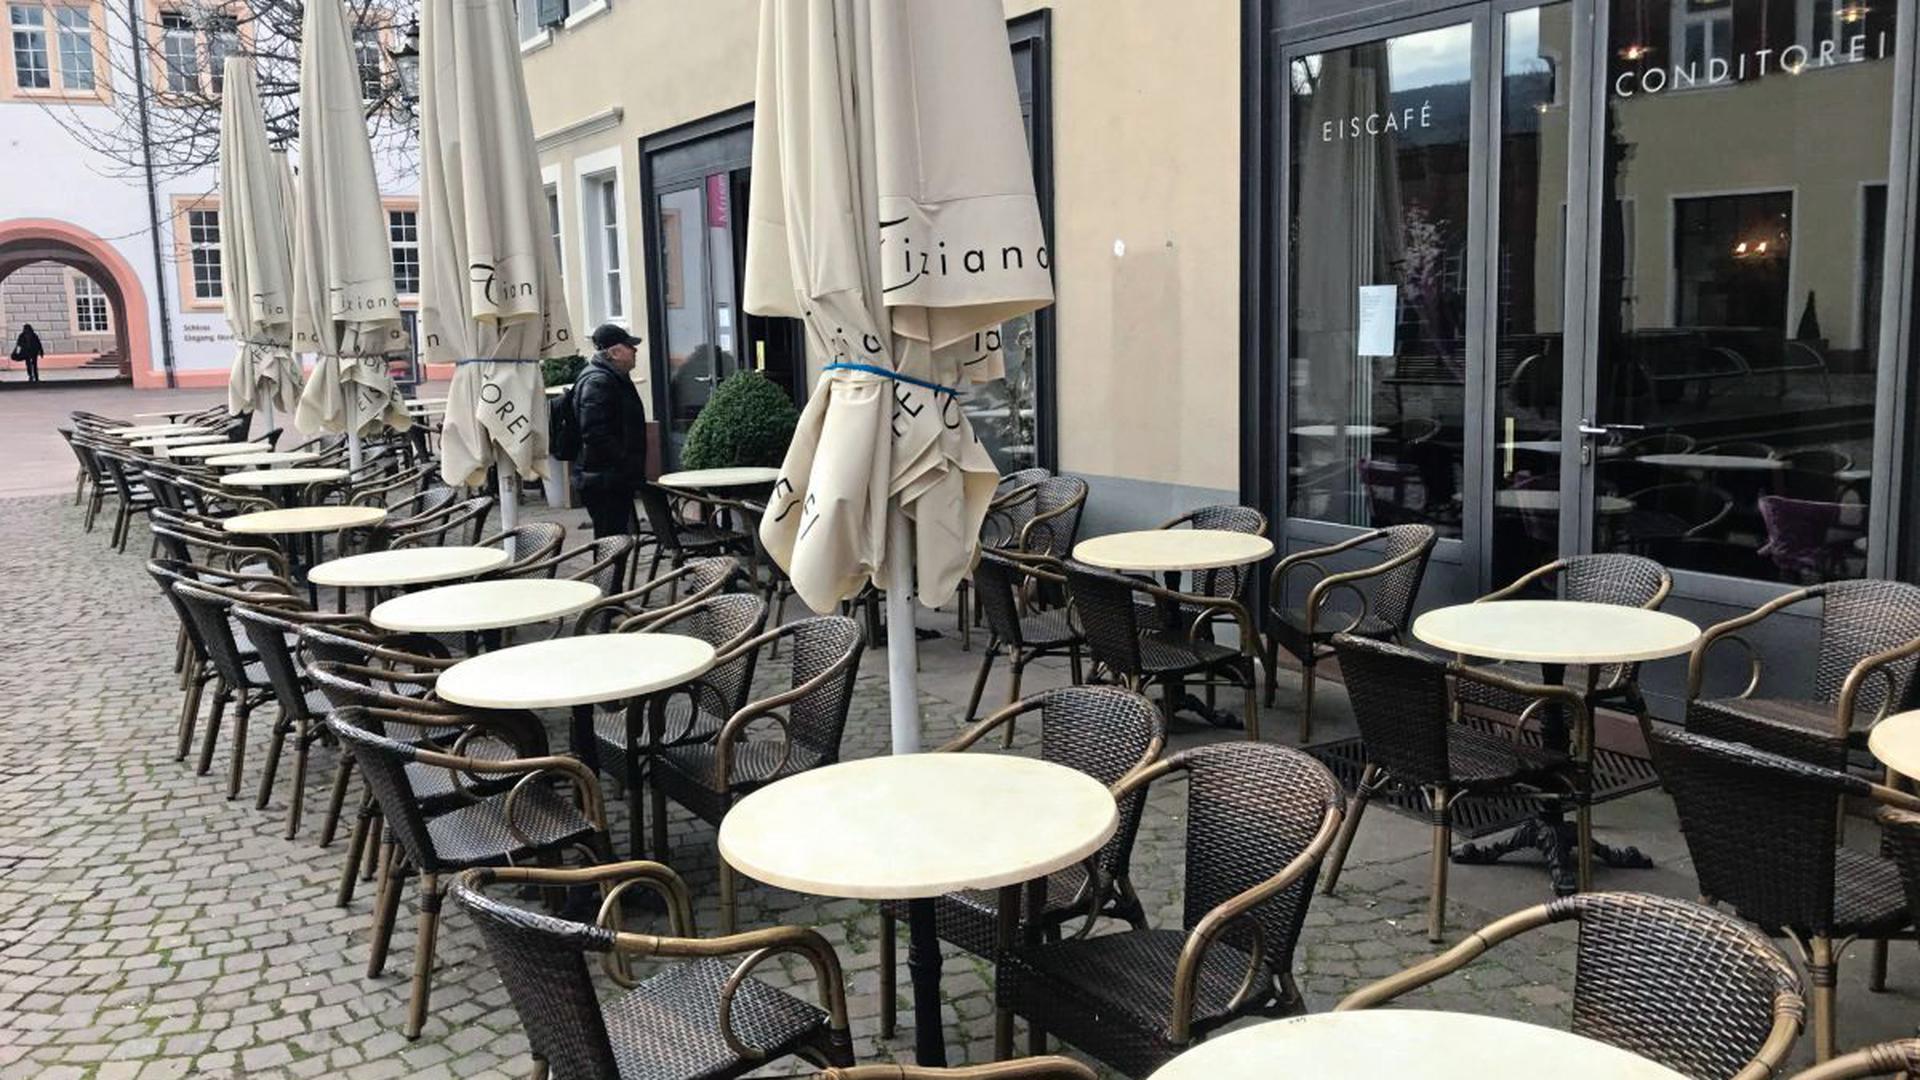 Kein Eis mehr genießen konnten die Ettlinger am Dienstag im Café Tiziano in der Altstadt: Wegen des Coronavirus hat es am 17. März geschlossen.